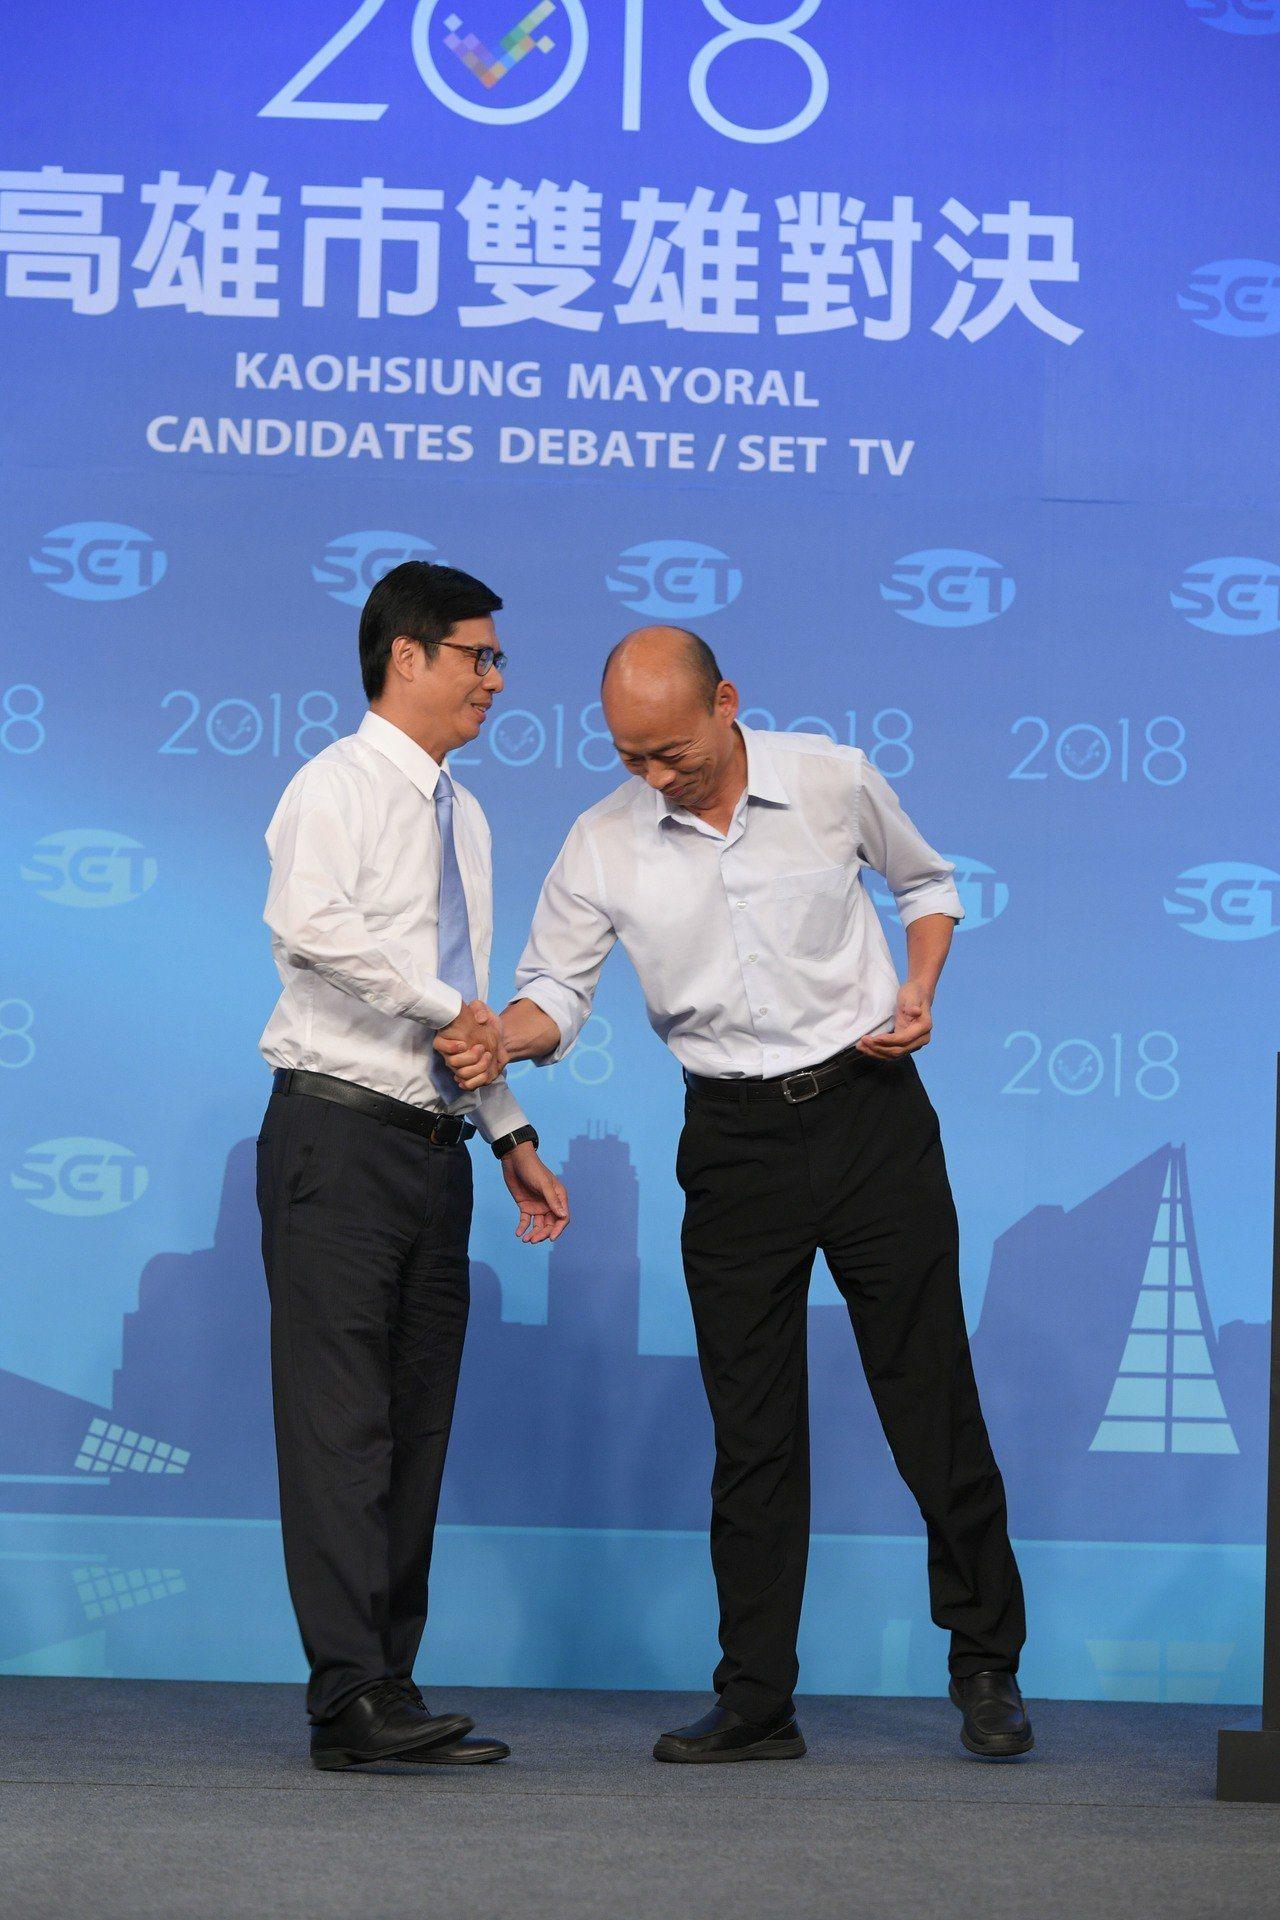 高雄市長候選人陳其邁(左)、韓國瑜(右)辯論會前握手。圖/三立提供